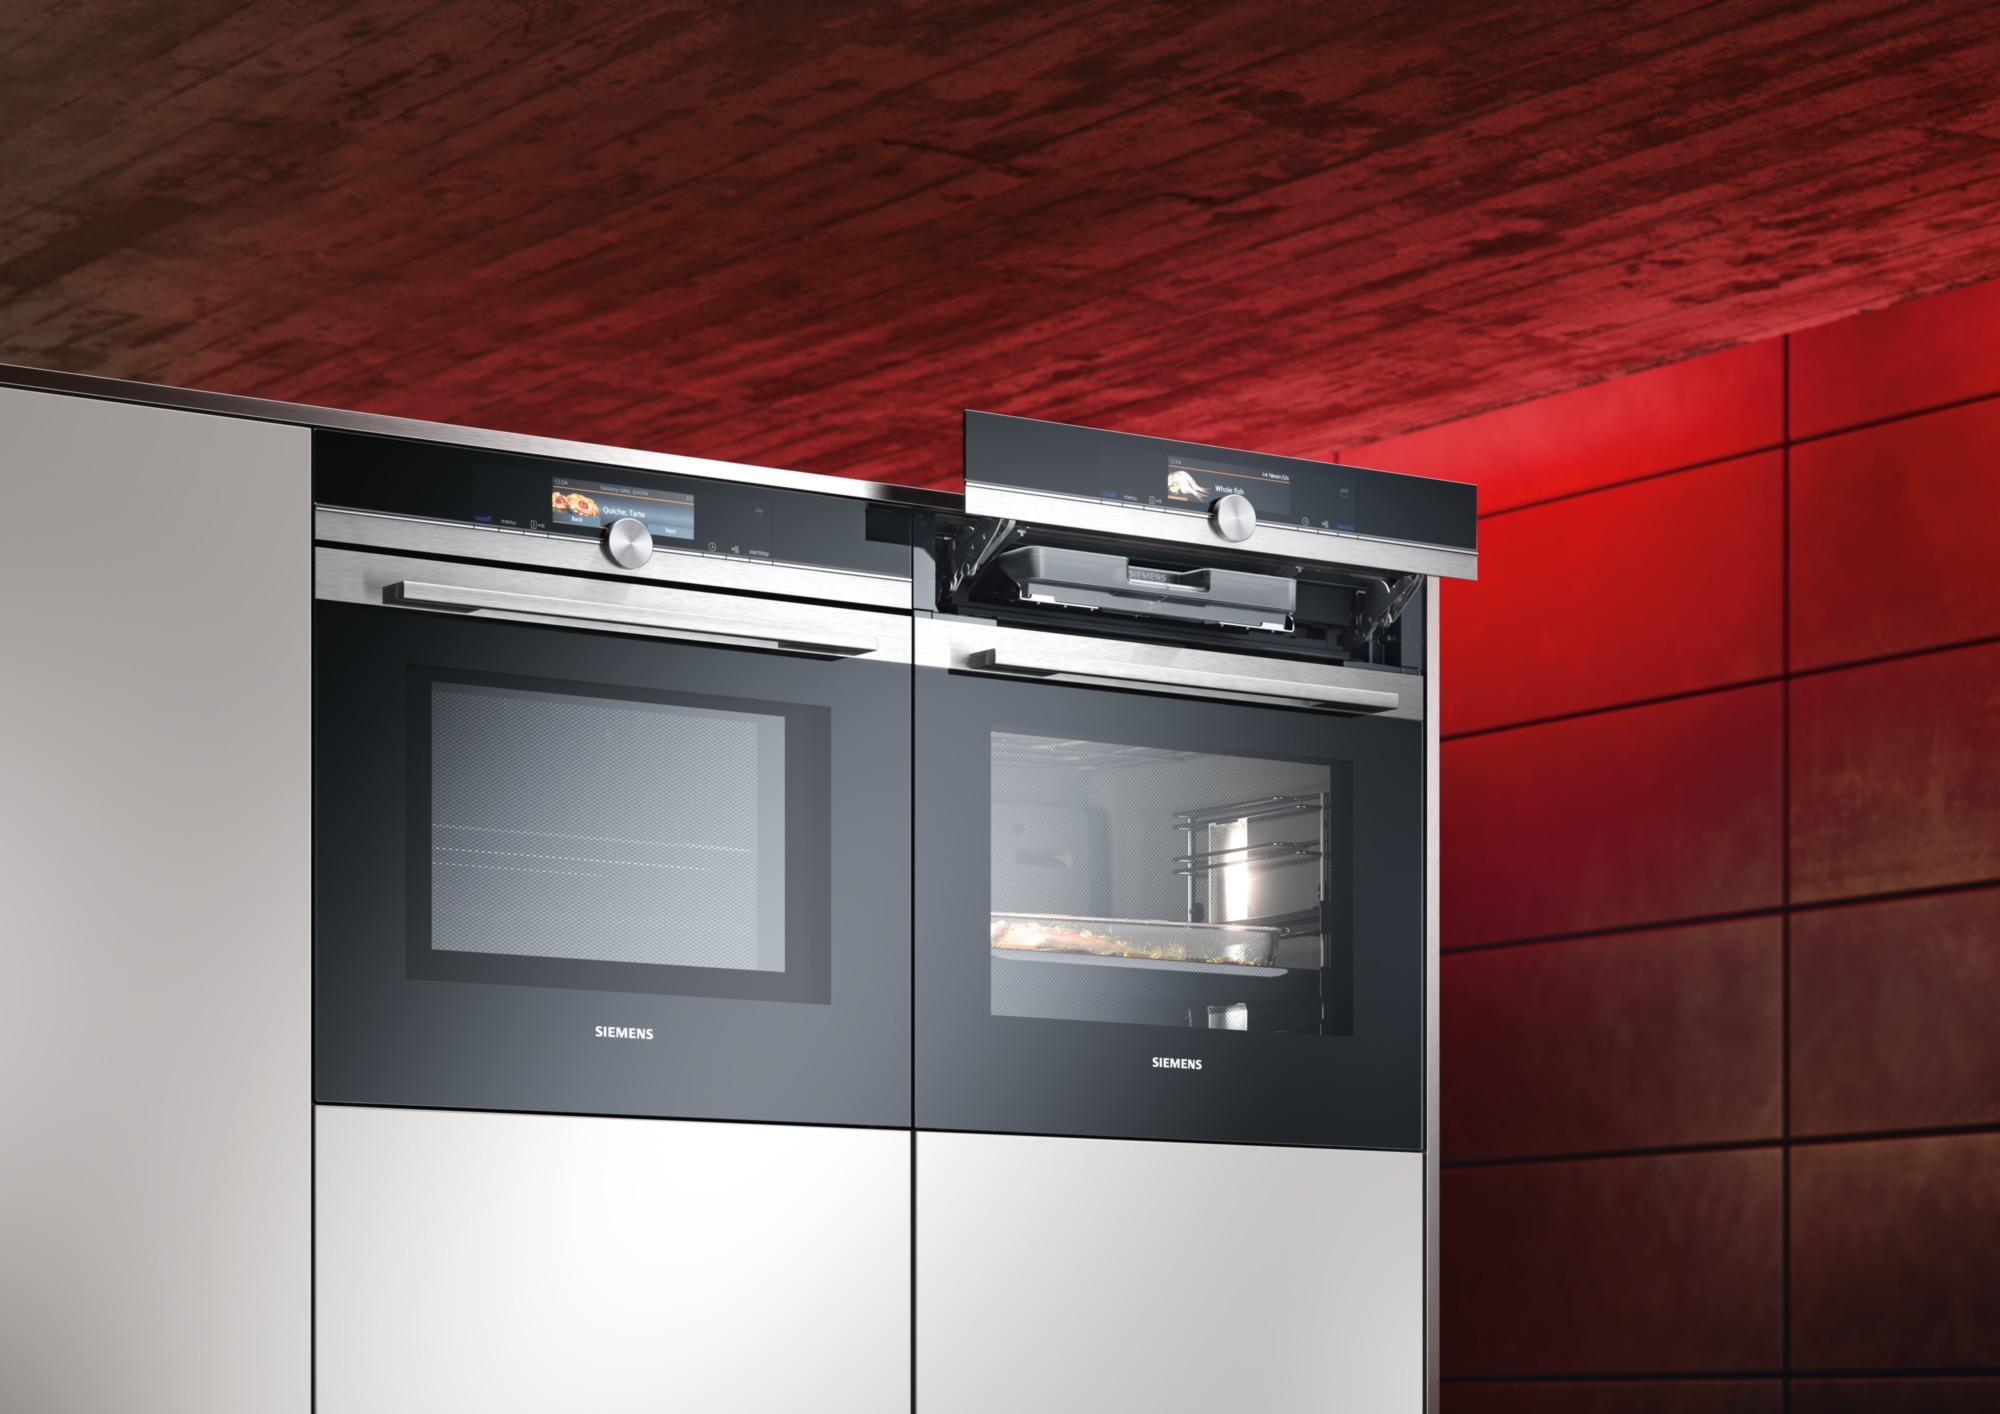 bosch kitchen appliances bosch appliances essex chelmsford. Black Bedroom Furniture Sets. Home Design Ideas